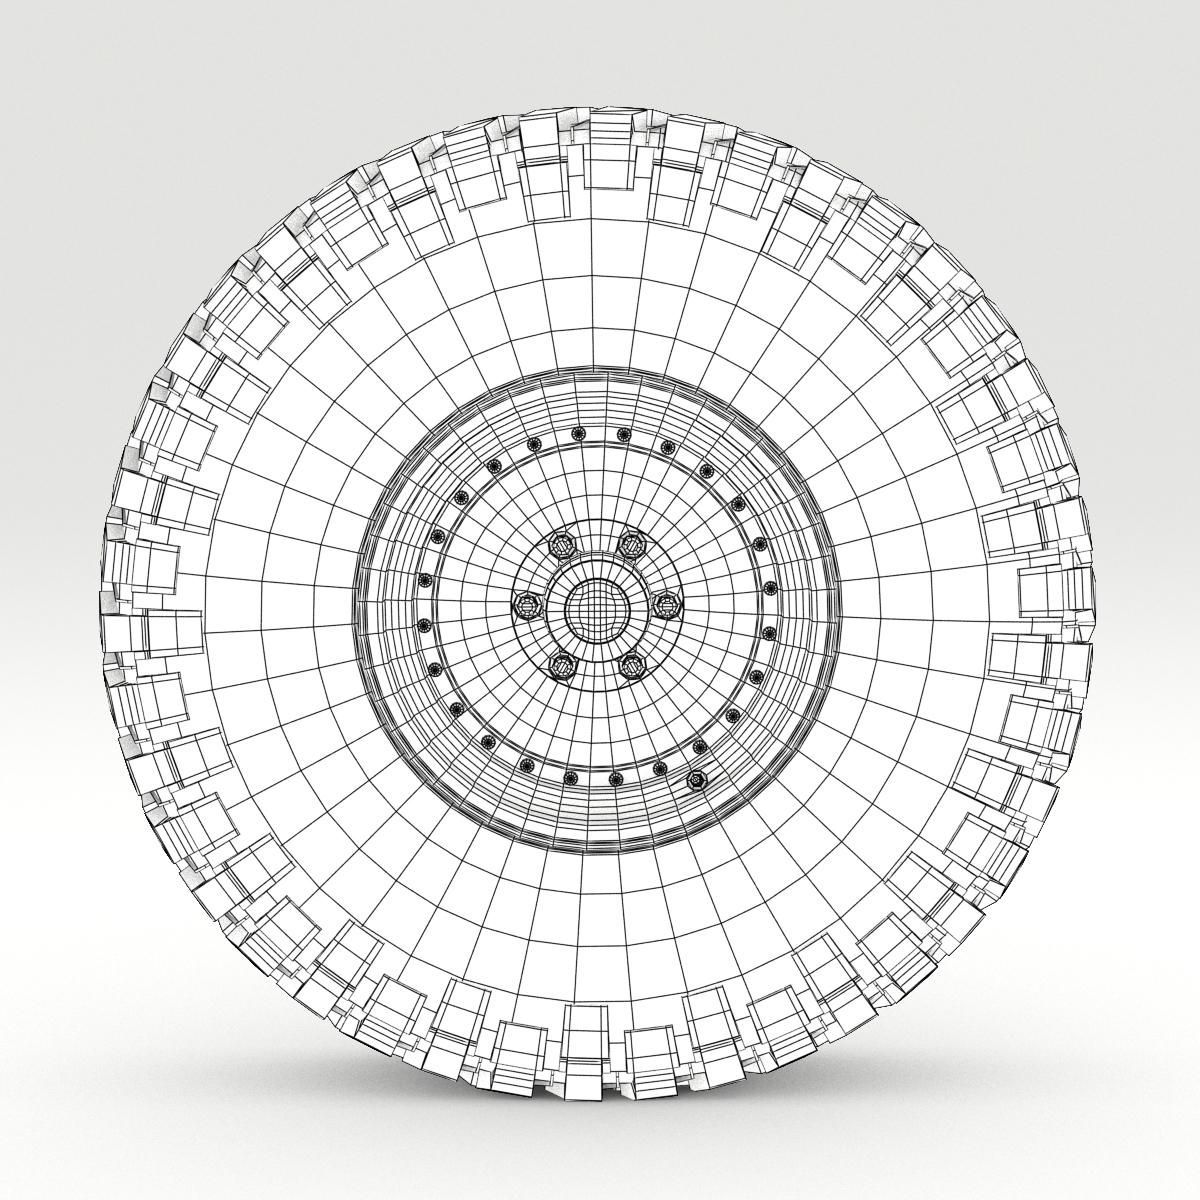 Off Road wheel and tire 6 3d model 3ds max fbx obj 273558